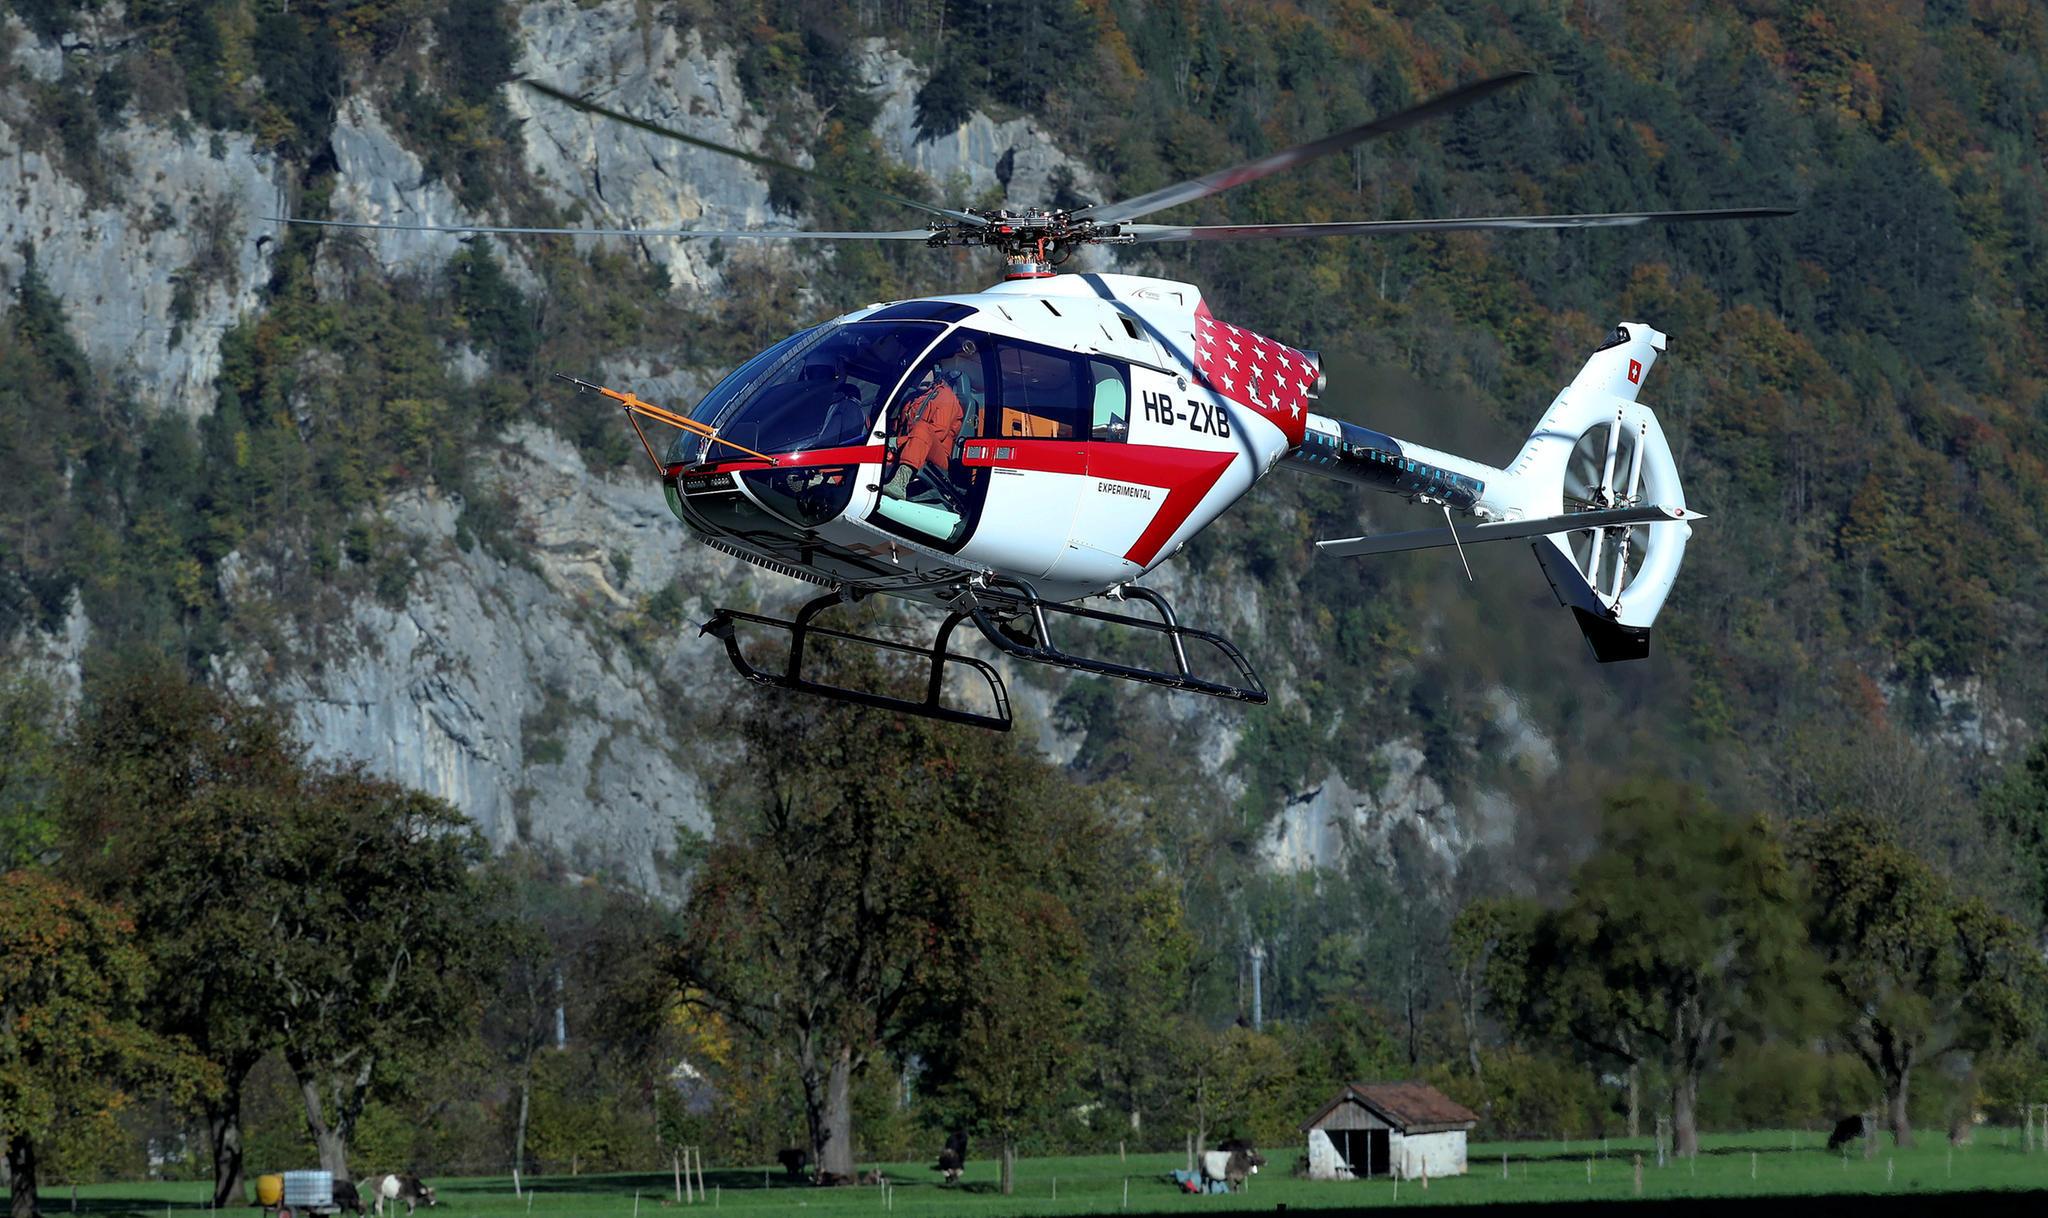 Schlimmer Helikopter-Unfall